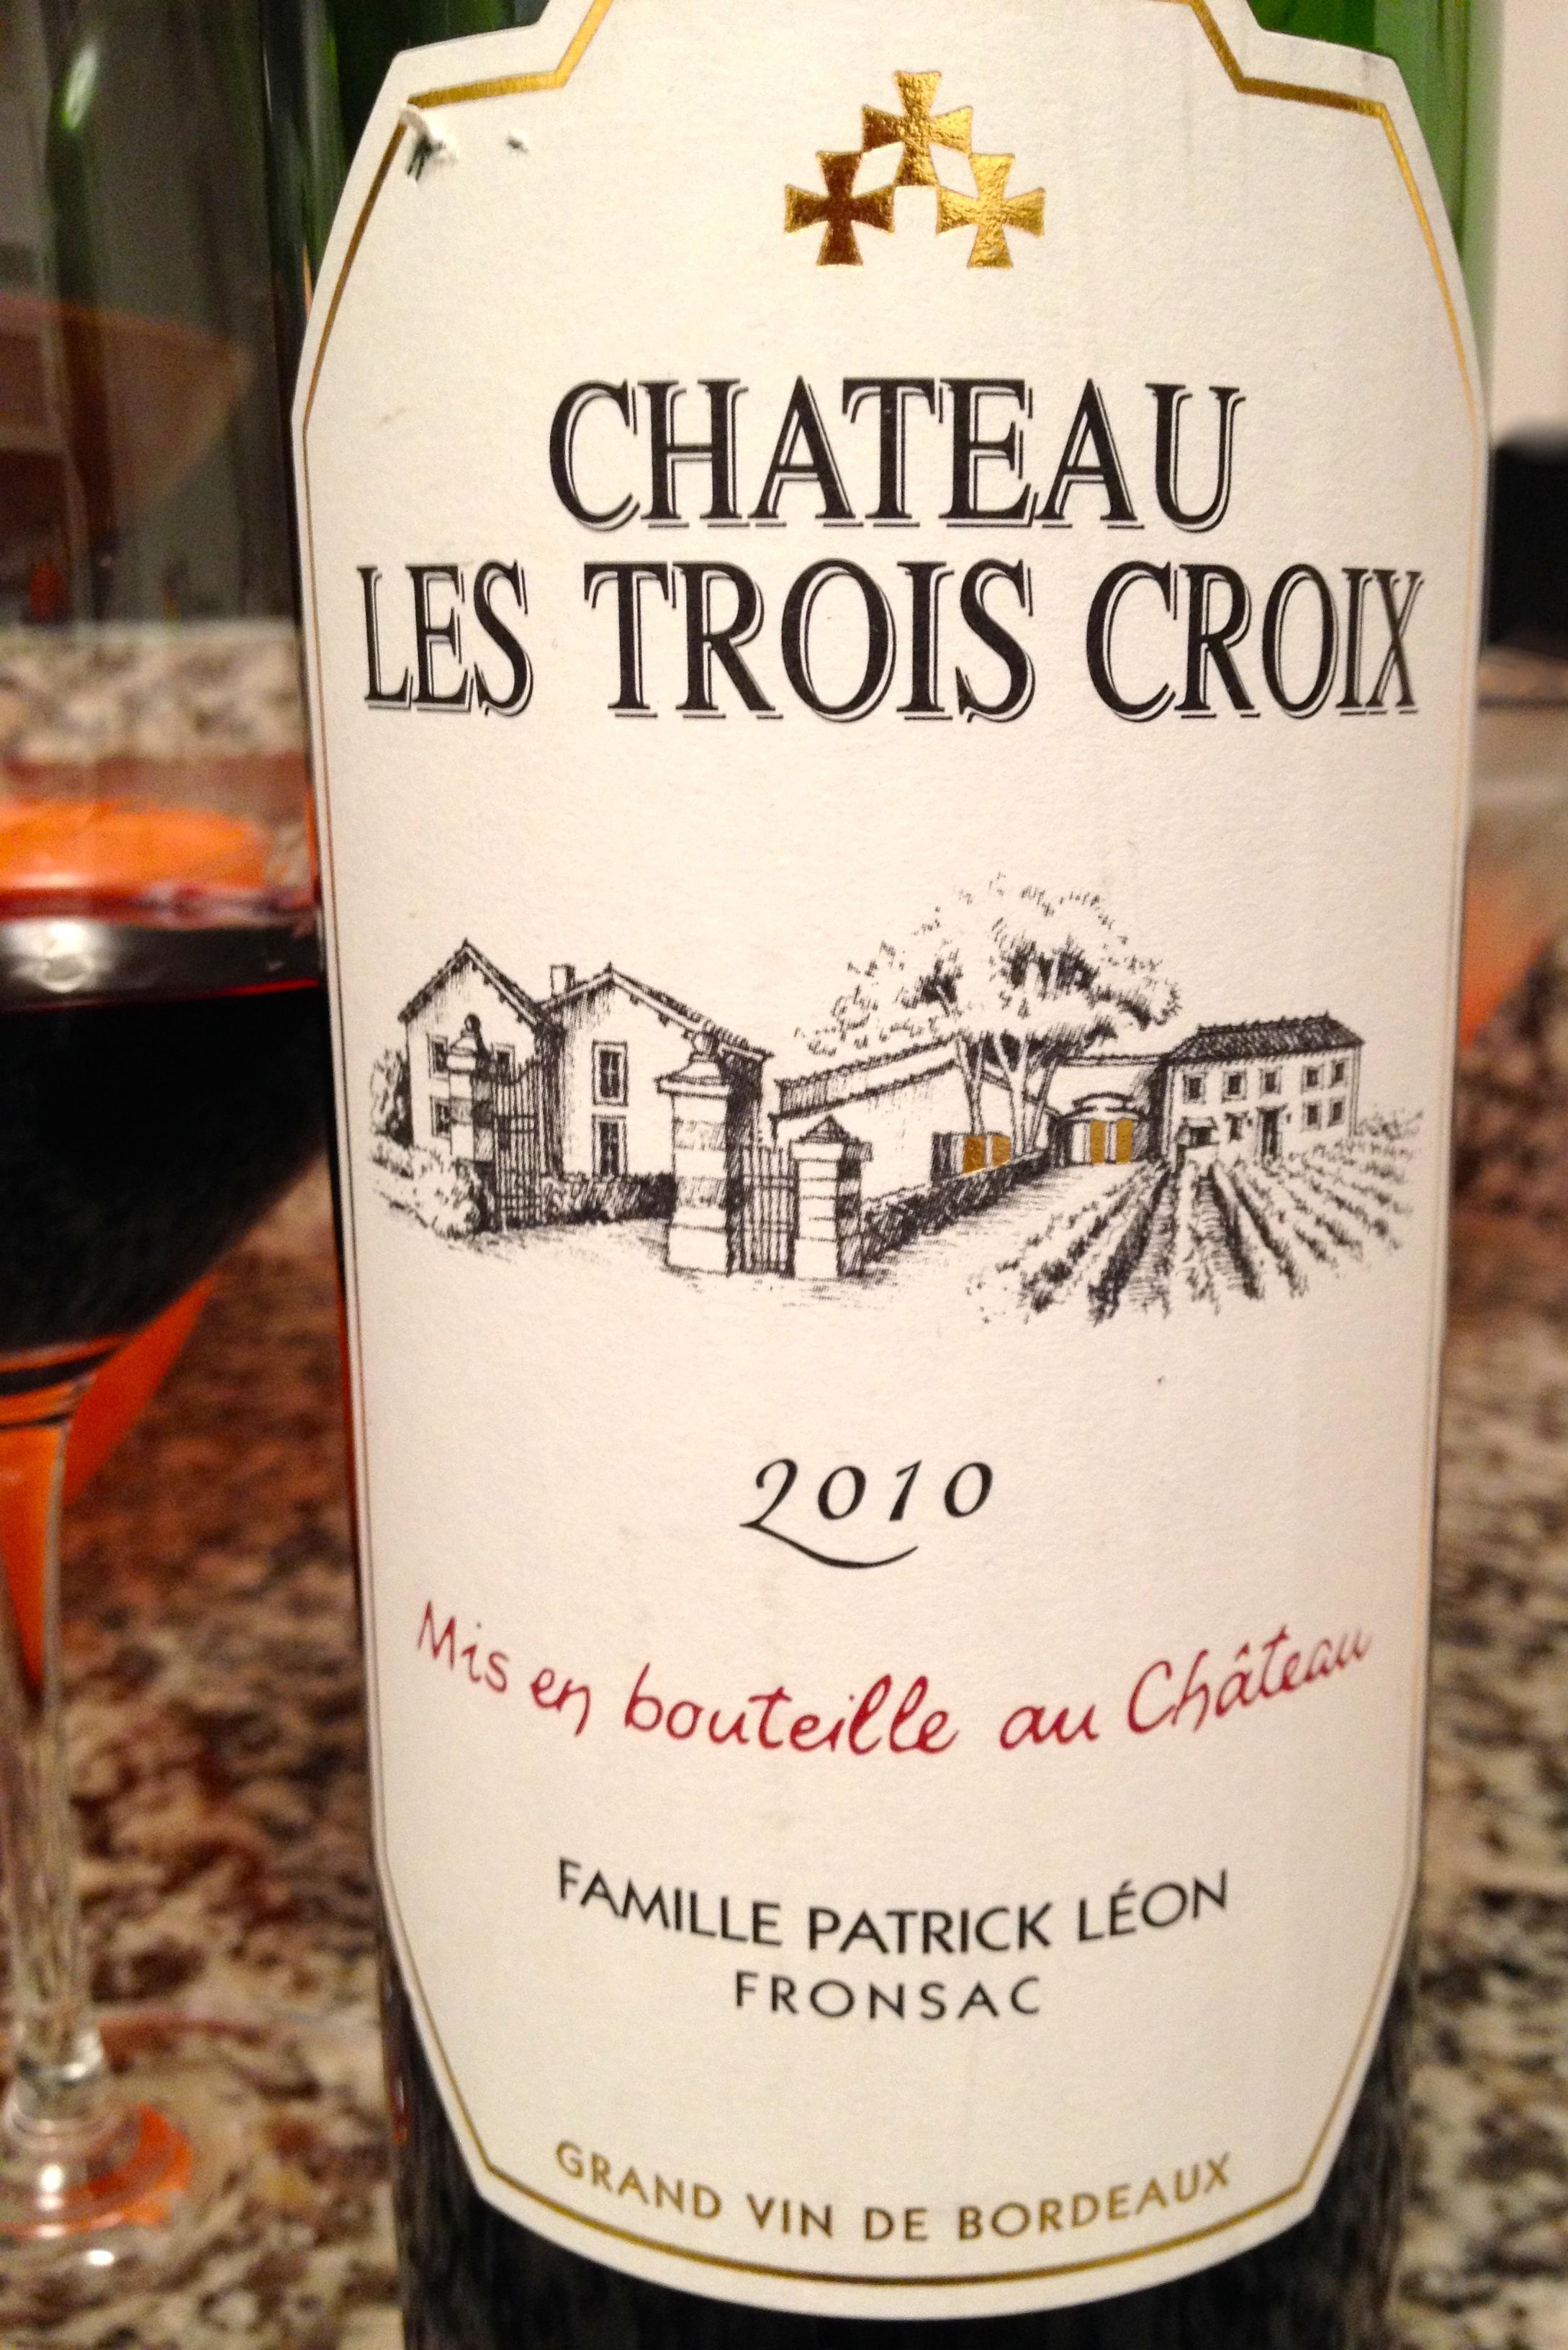 Chateau Les Trois Croix, Fronsac, Grand Vin de Bordeaux 2